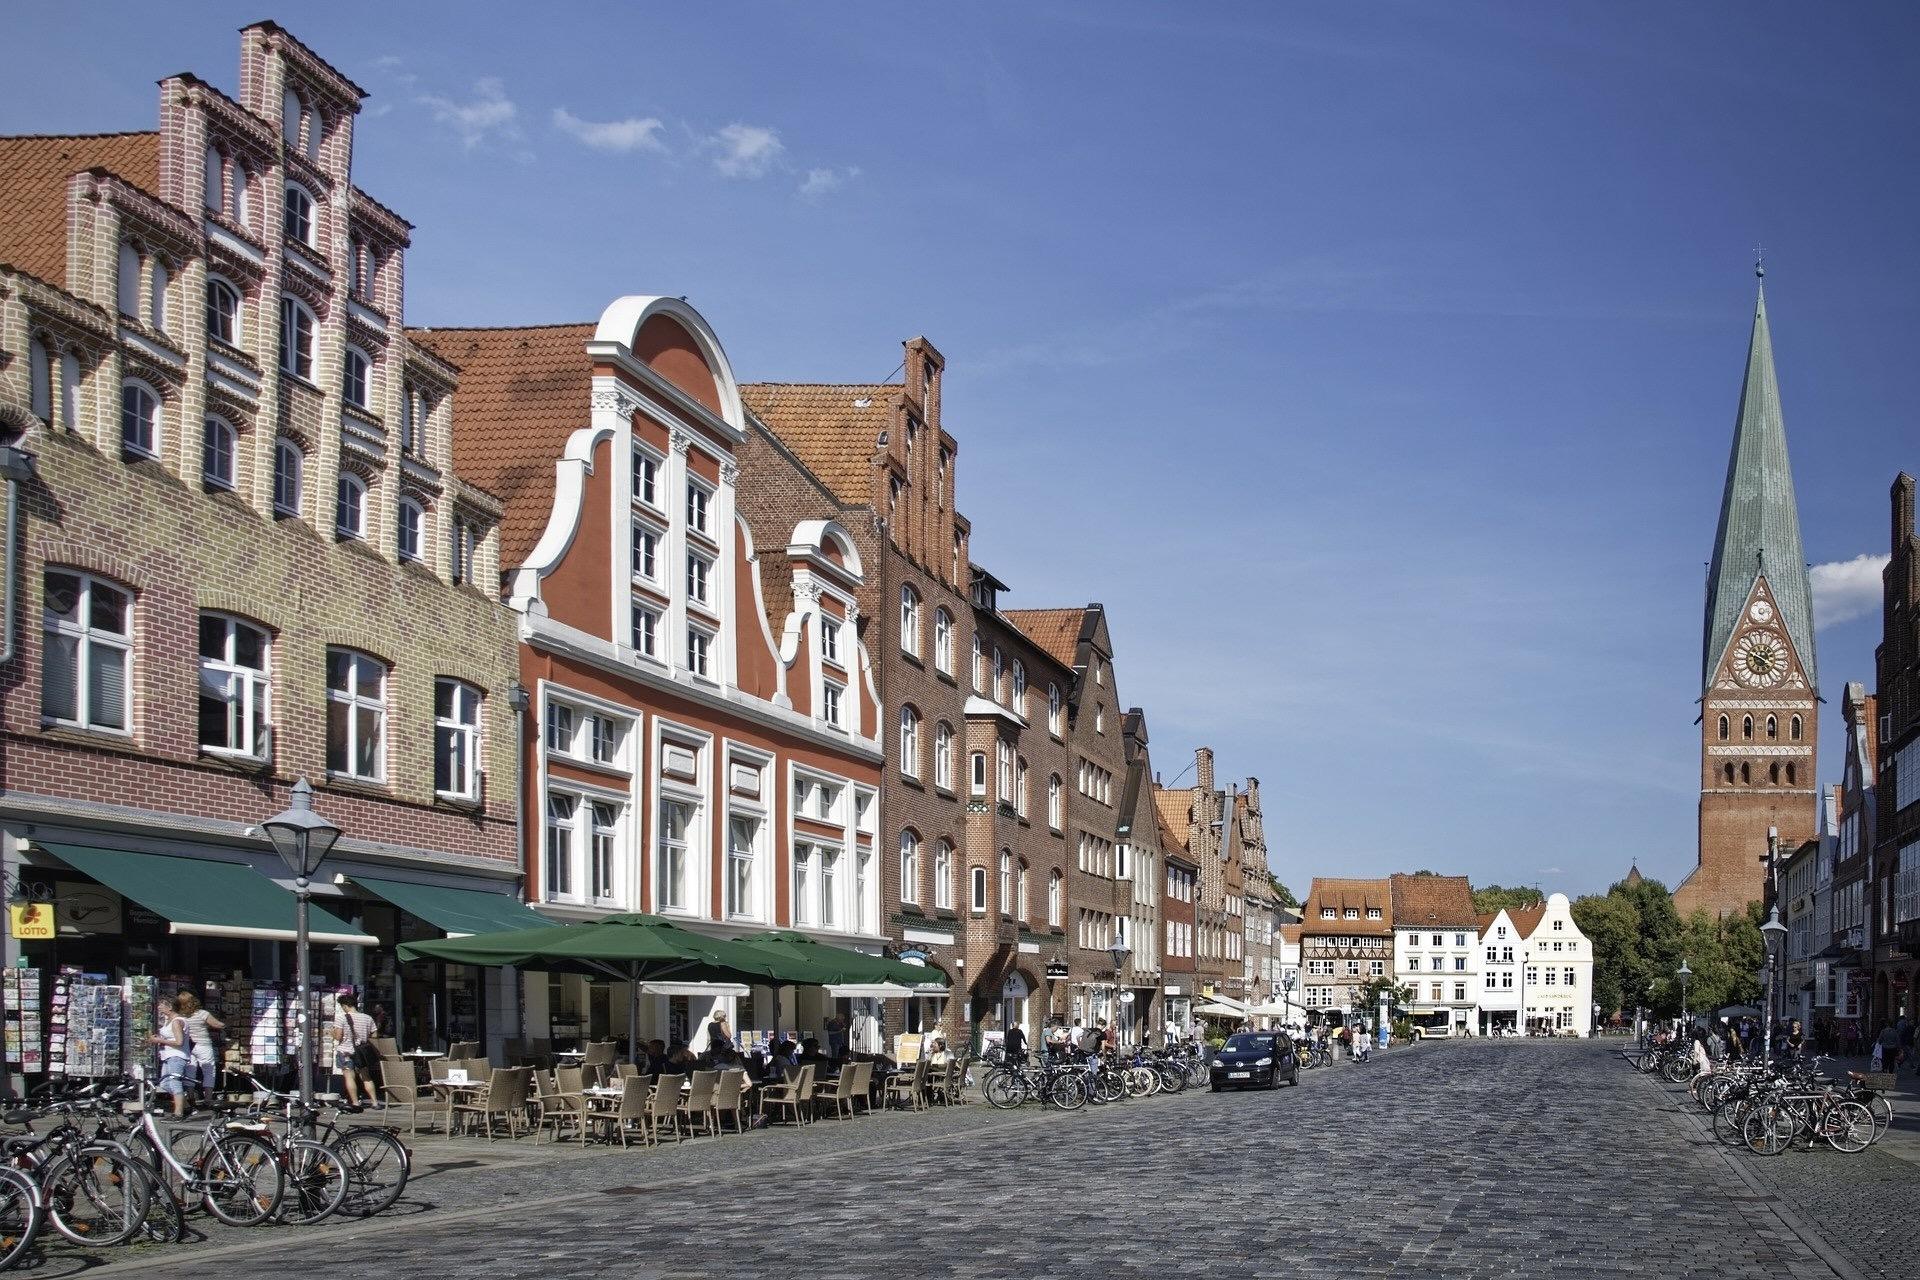 Lüneburg gehört für viele zu den schönsten Städten in Deutschland